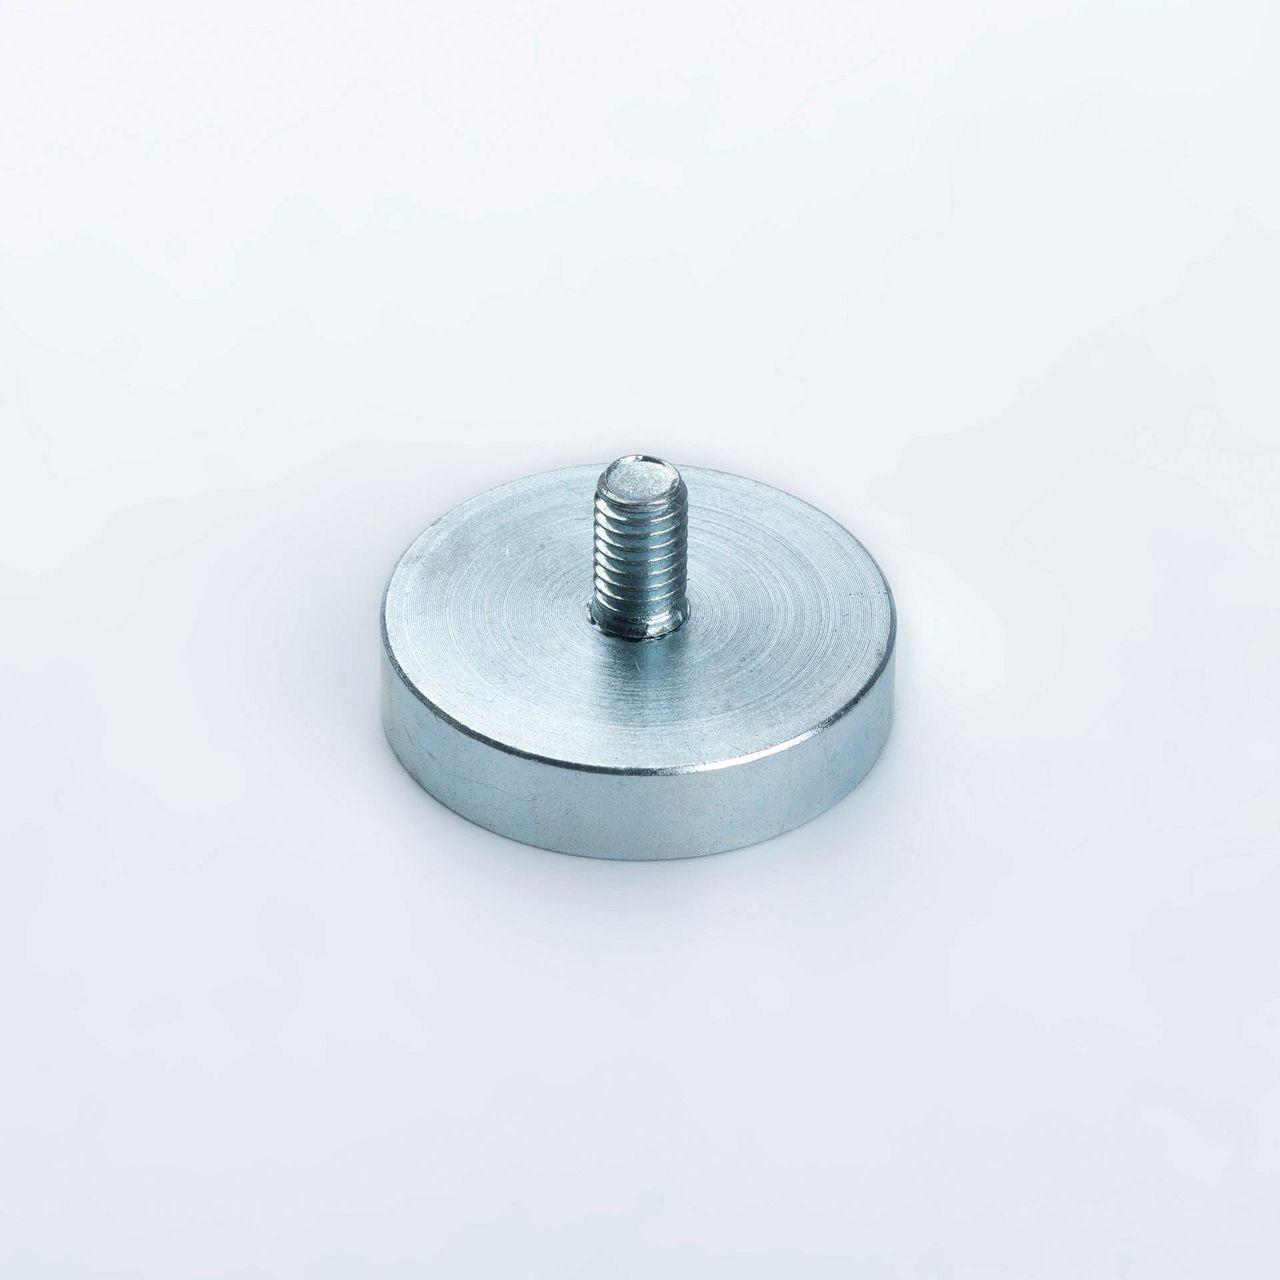 Pot magnet made of Neodym with external thread, galvanized, thyssenkrupp Magnettechnik